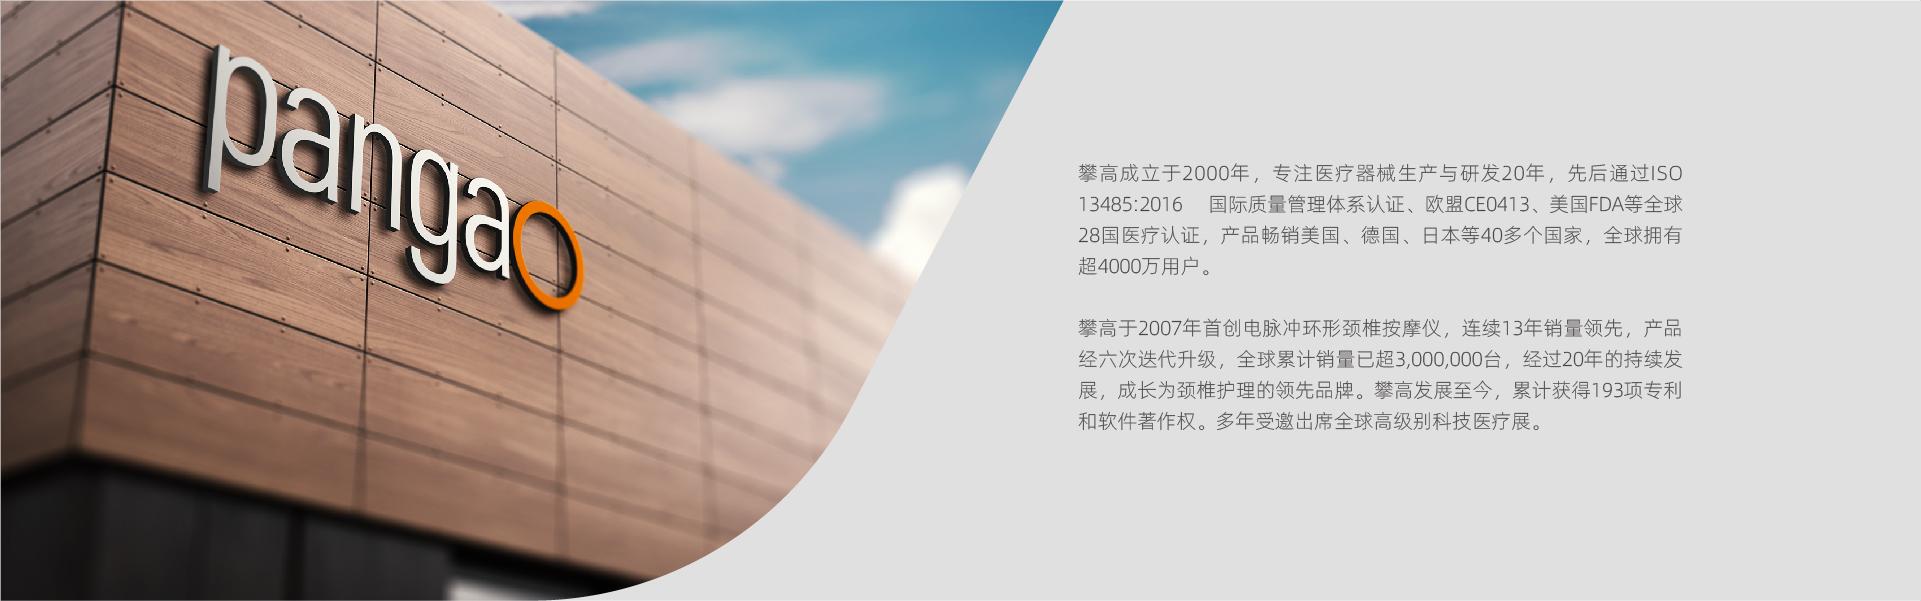 20200526攀高官网关于攀高